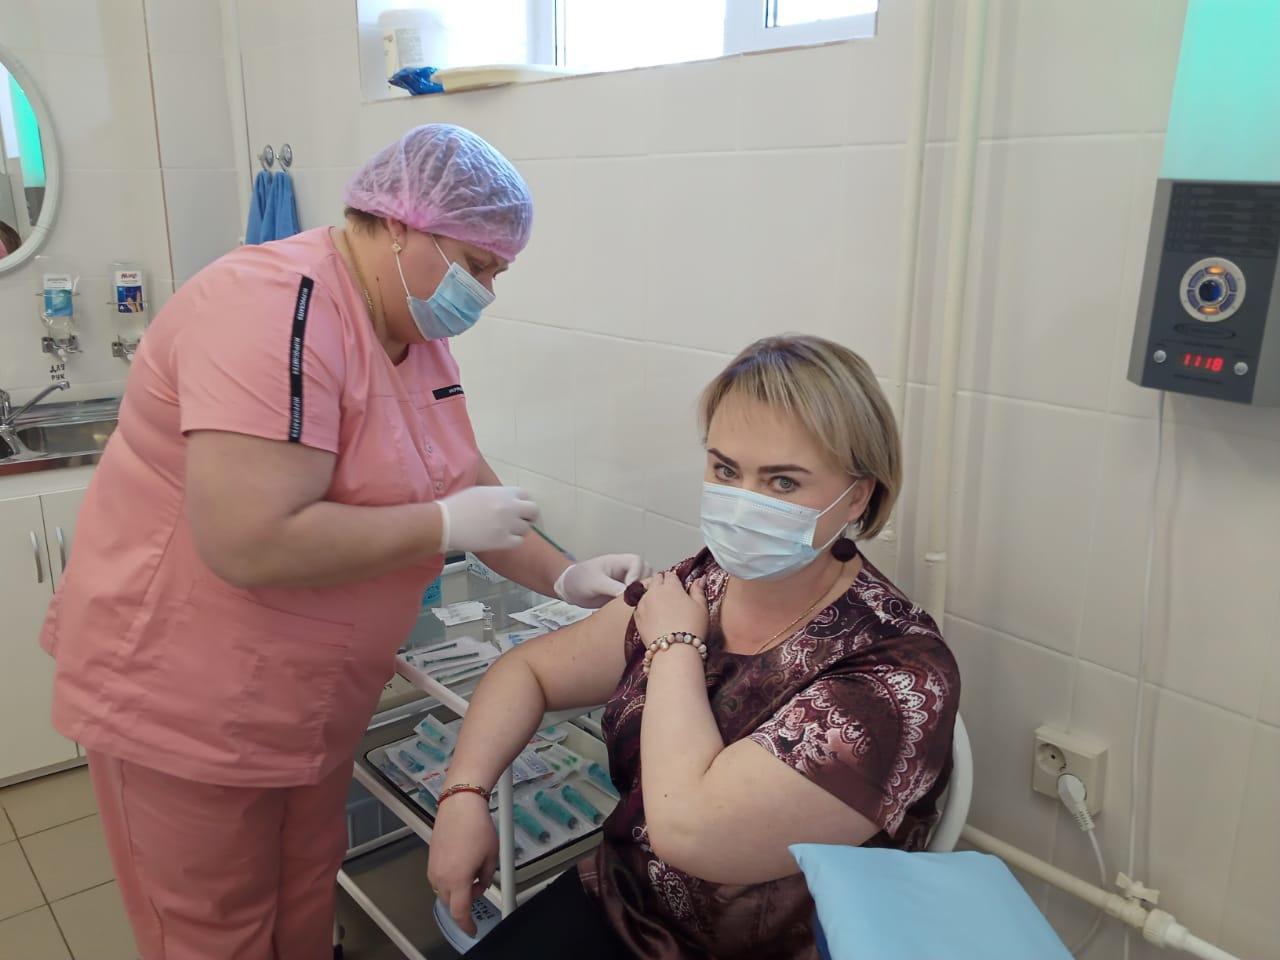 Больше тысячи ярославцев сделали прививку от коронавируса благодаря выездной вакцинации